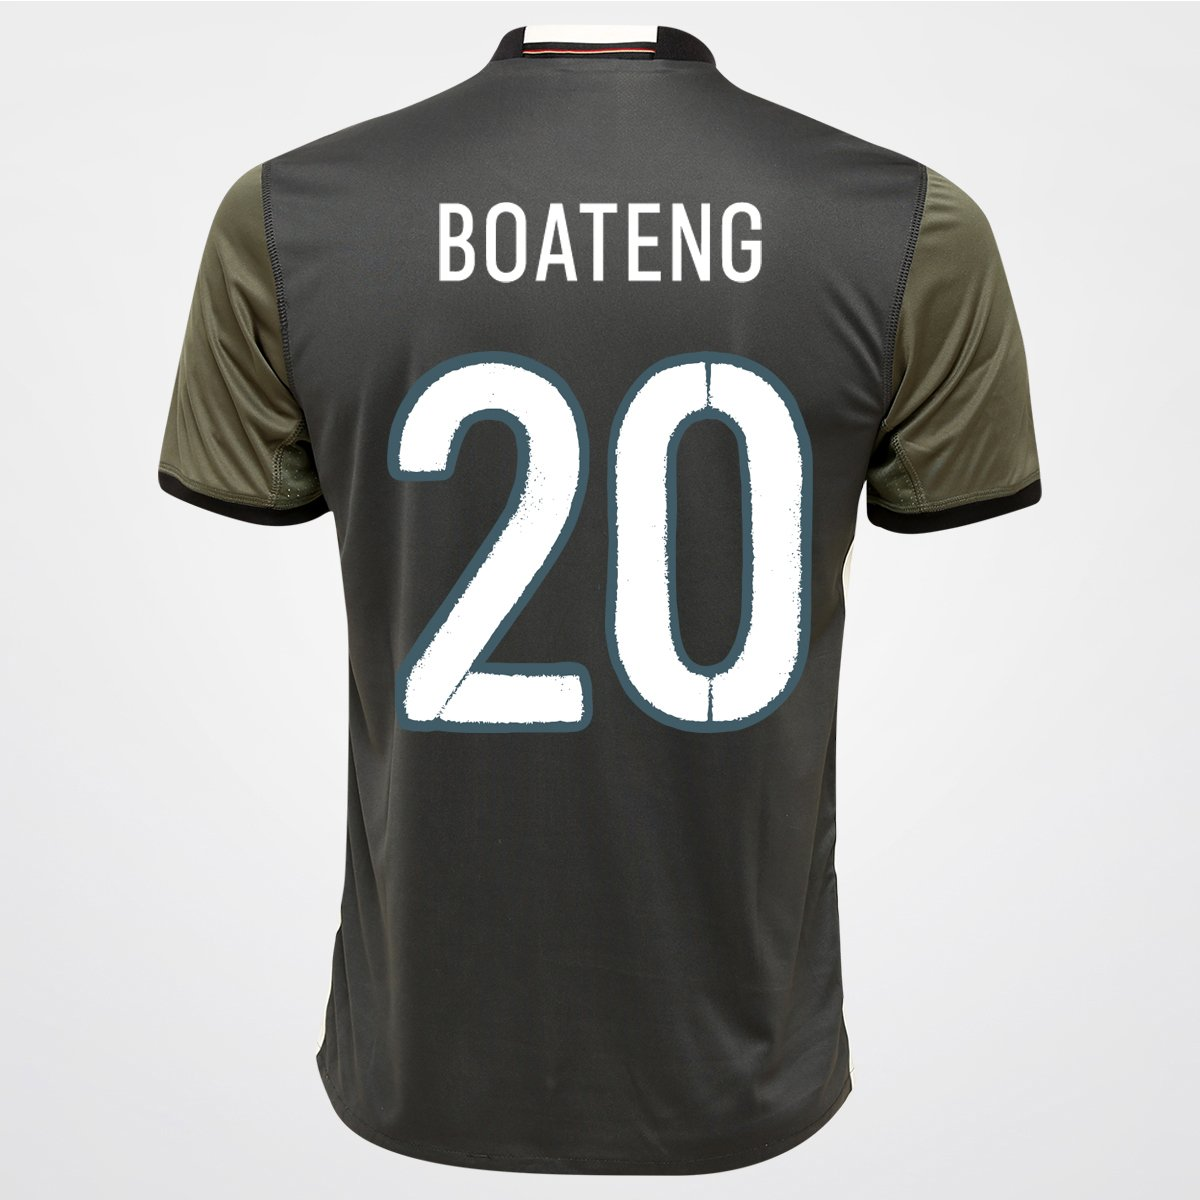 6f487f0e65832 Camisa Adidas Seleção Alemanha Away 2016 nº 20 - Boateng - Compre Agora